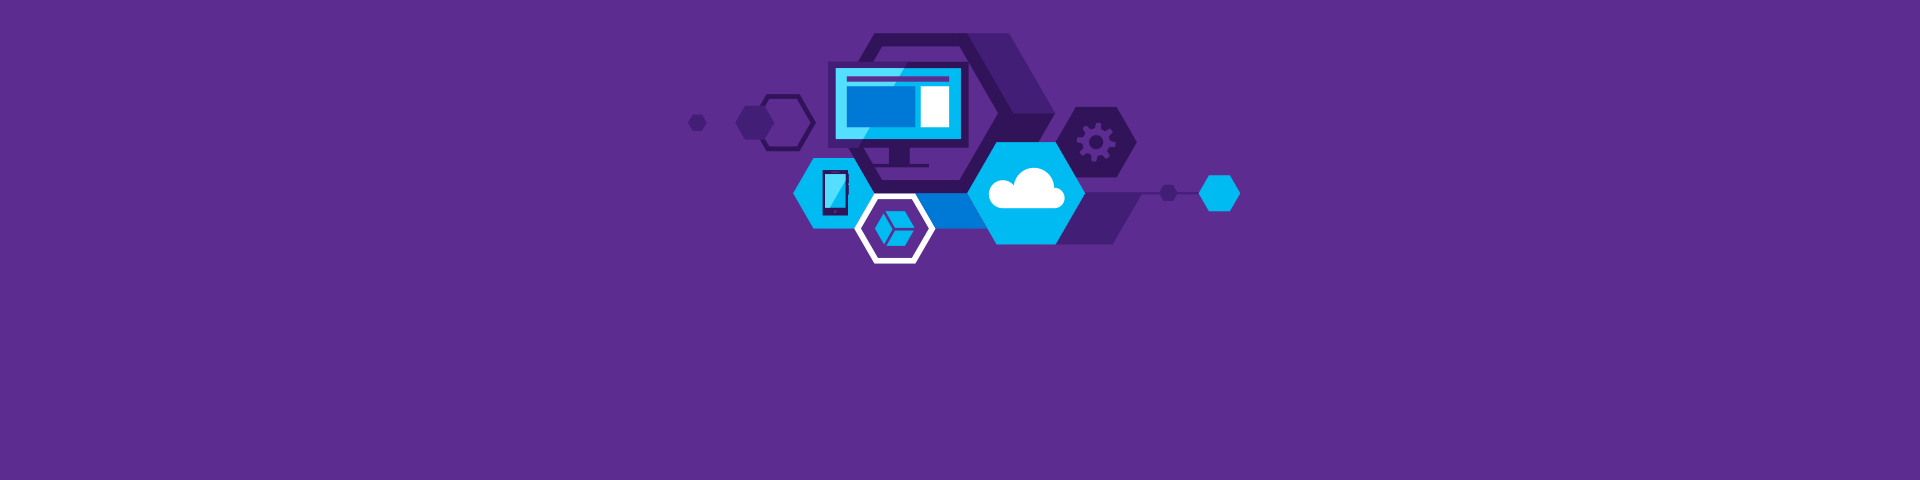 PC, telefon, felhő és egyéb technológiai ikonok